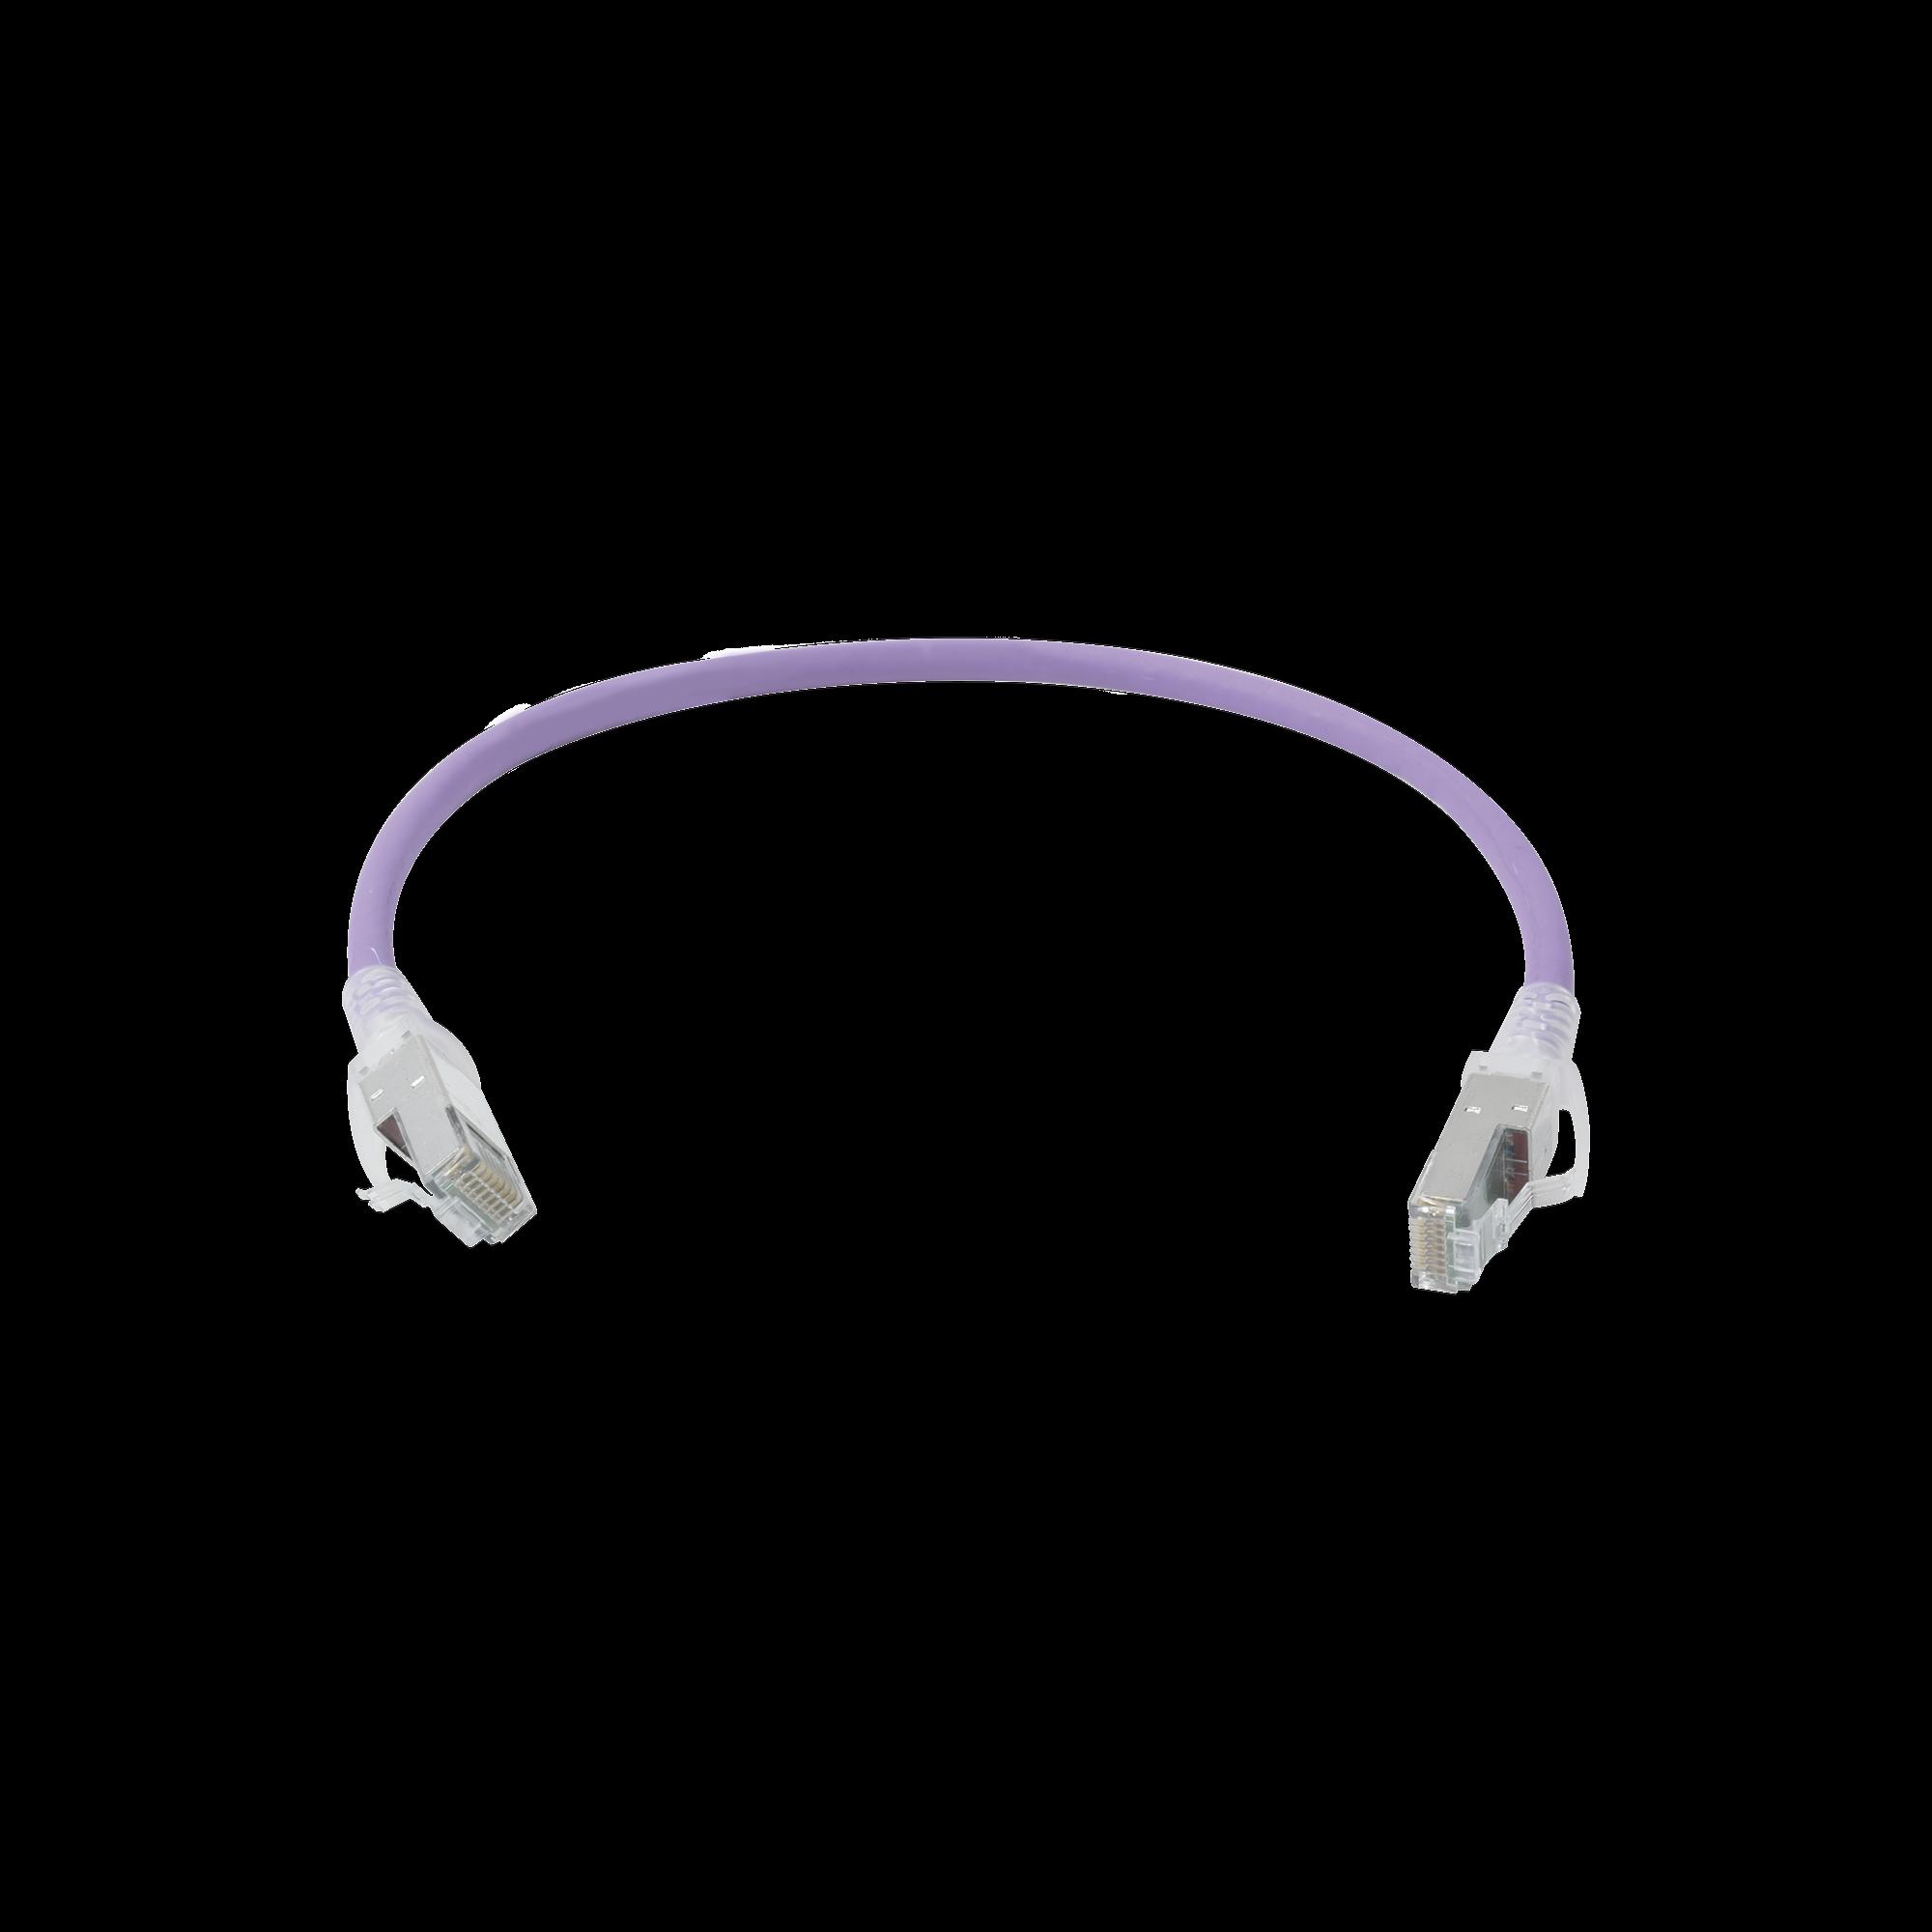 Patch Cord Z-MAX Cat6A S/FTP, CM/LS0H, 1ft, Color Violeta, Versión Bulk (Sin Empaque Individual)